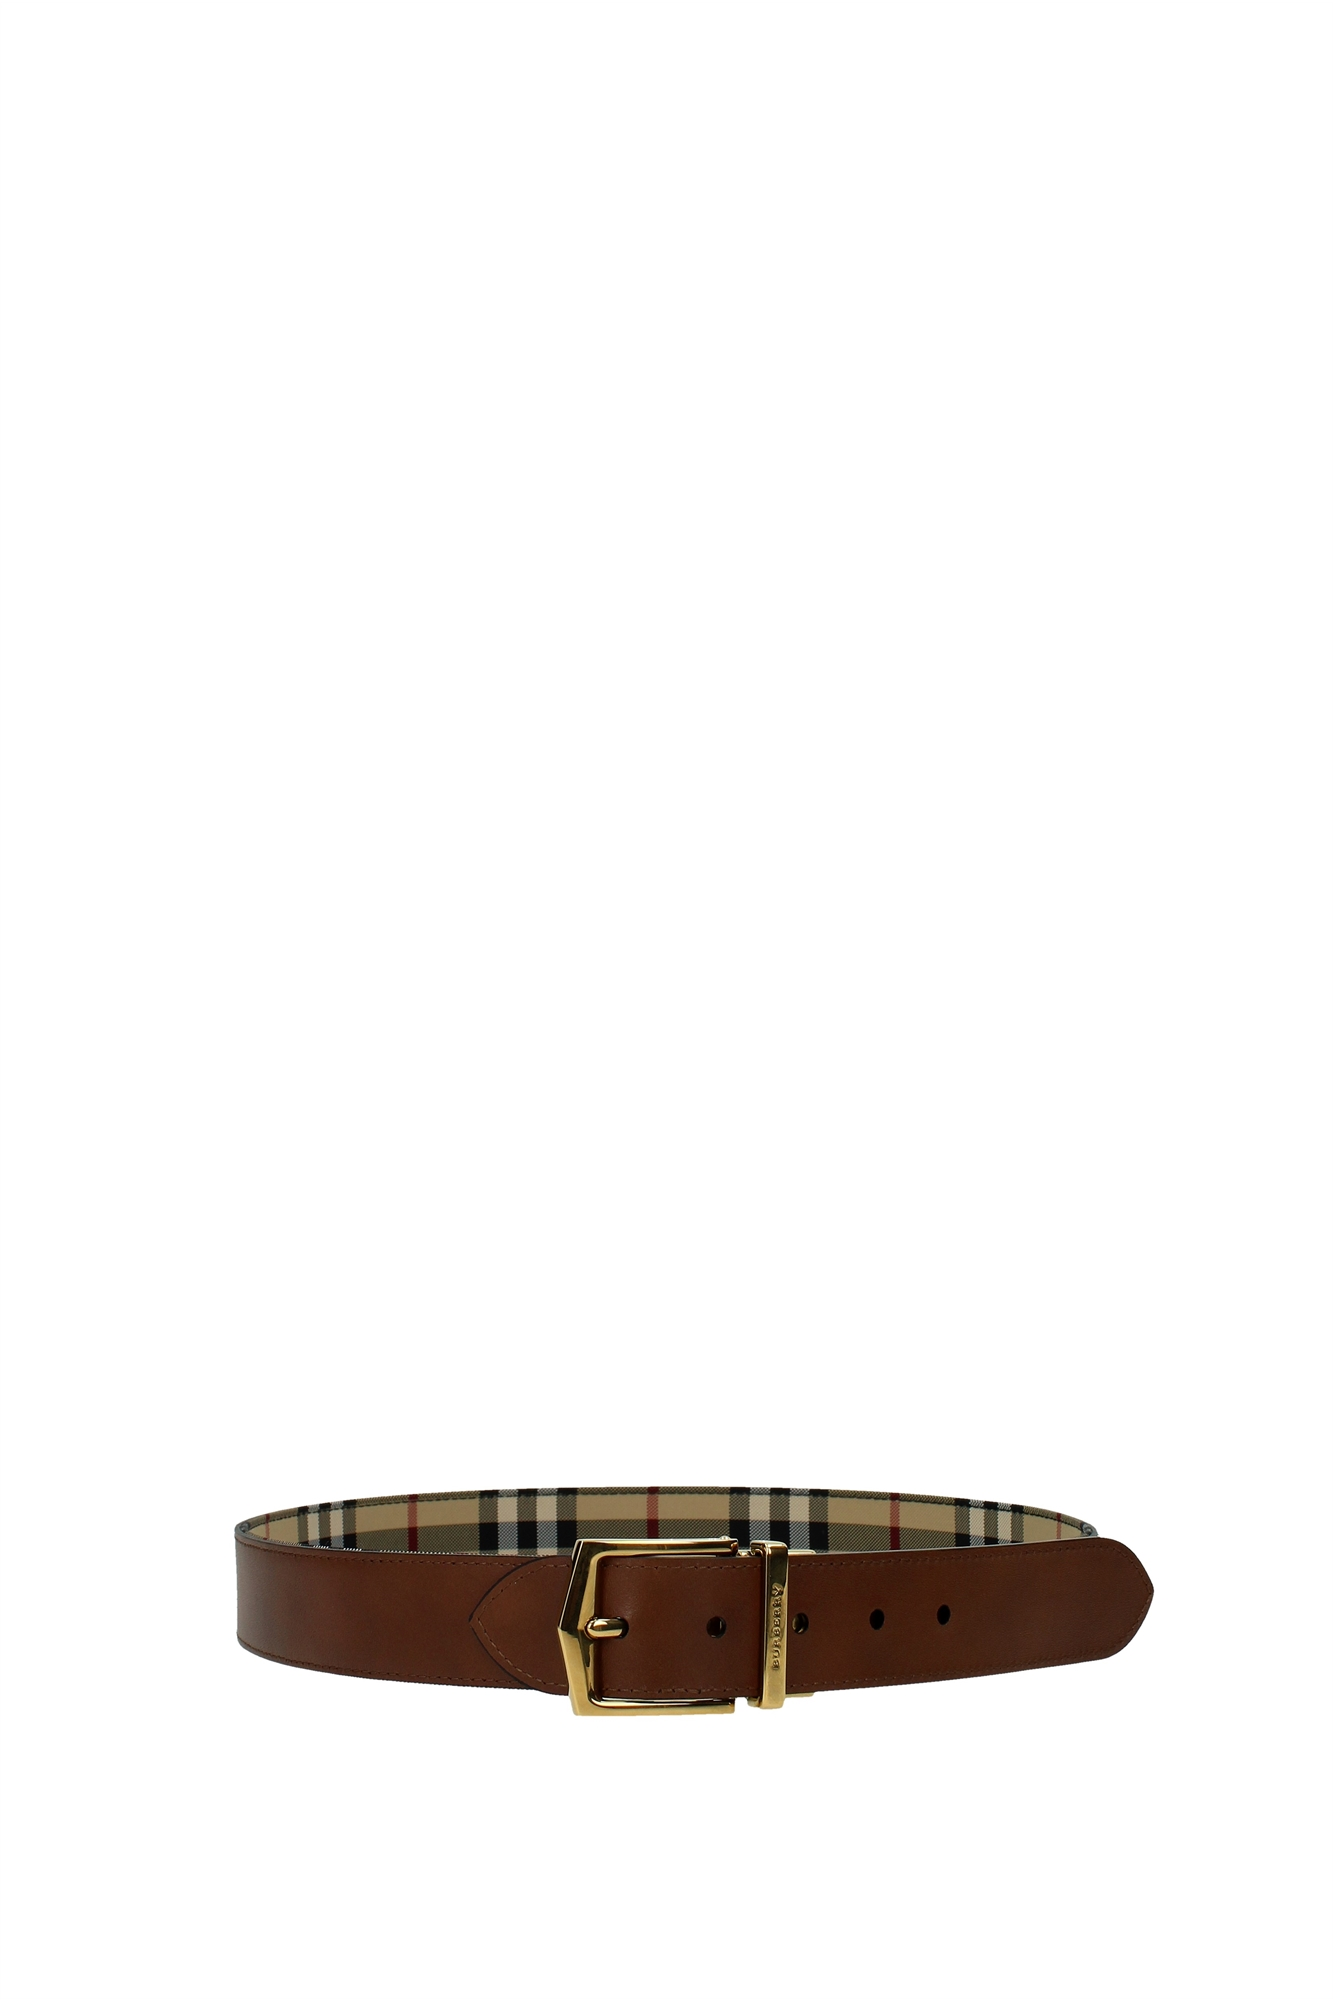 cintura burberry uomo ebay